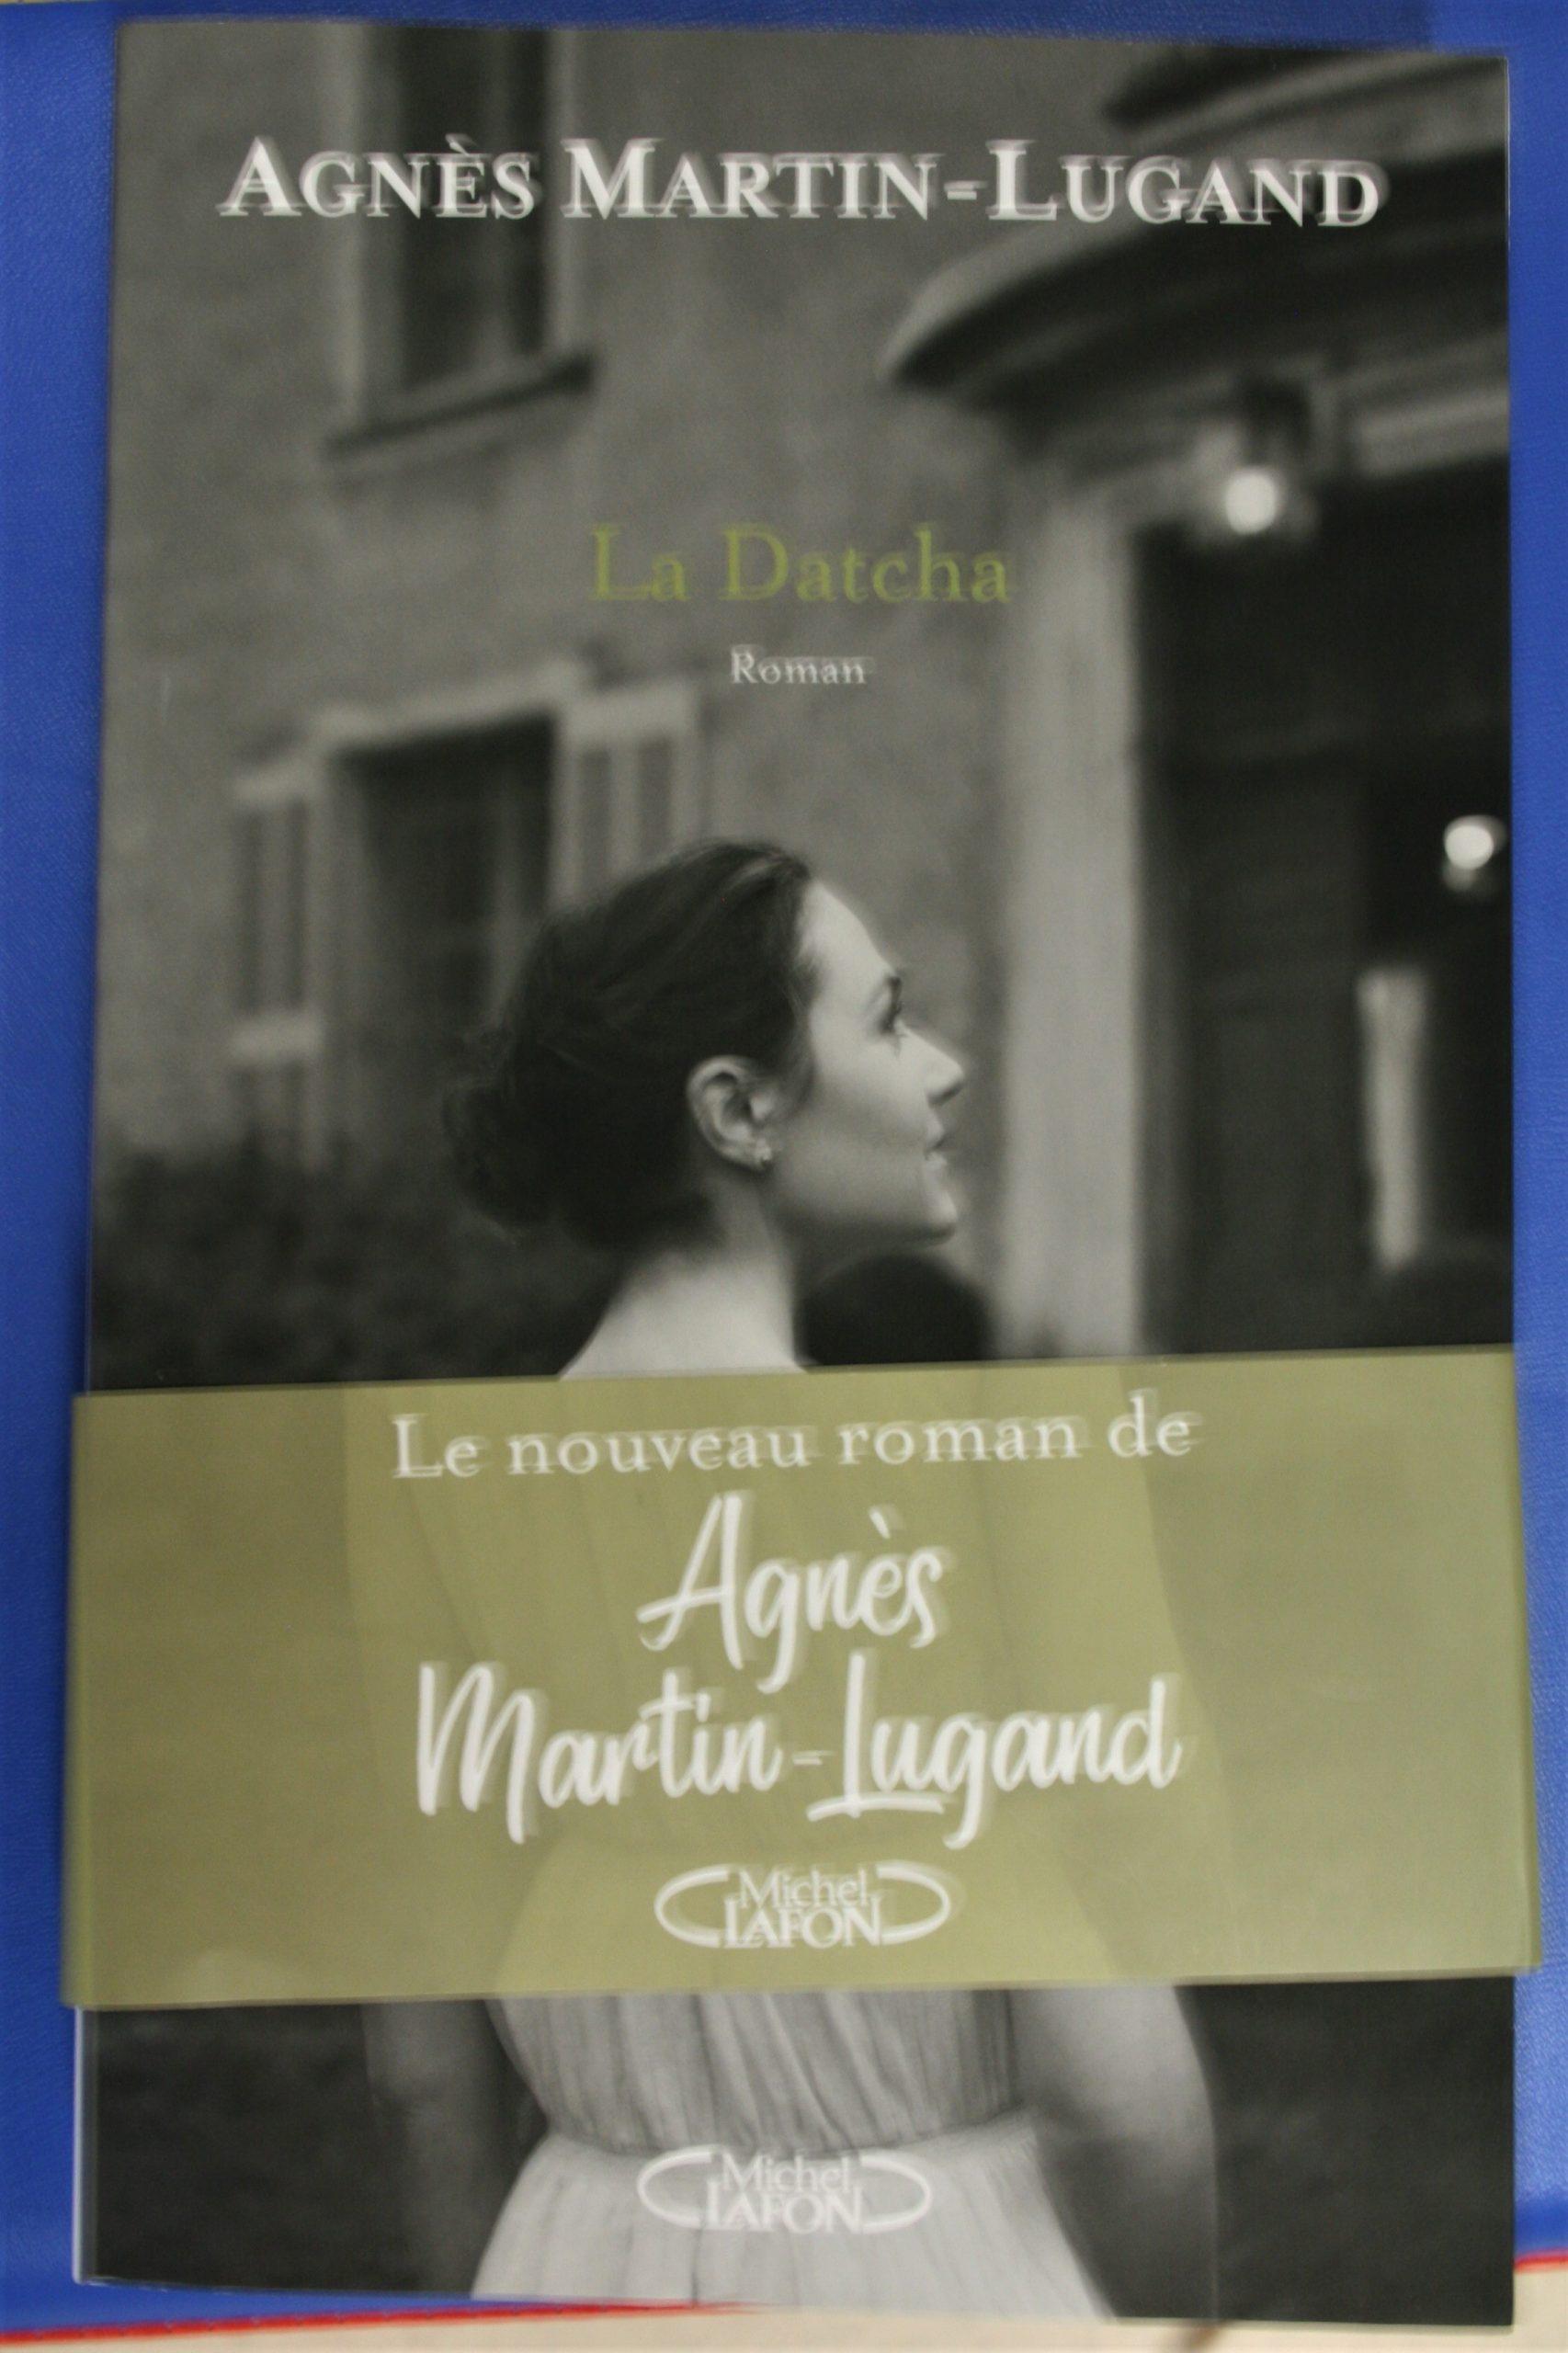 """La Datcha, le nouveau roman d'Agnès Martin-Lugand. """" L'homme venait de me déposer dans un décor de rêve, dont je n'aurais même pas soupçonné l'existence. ."""